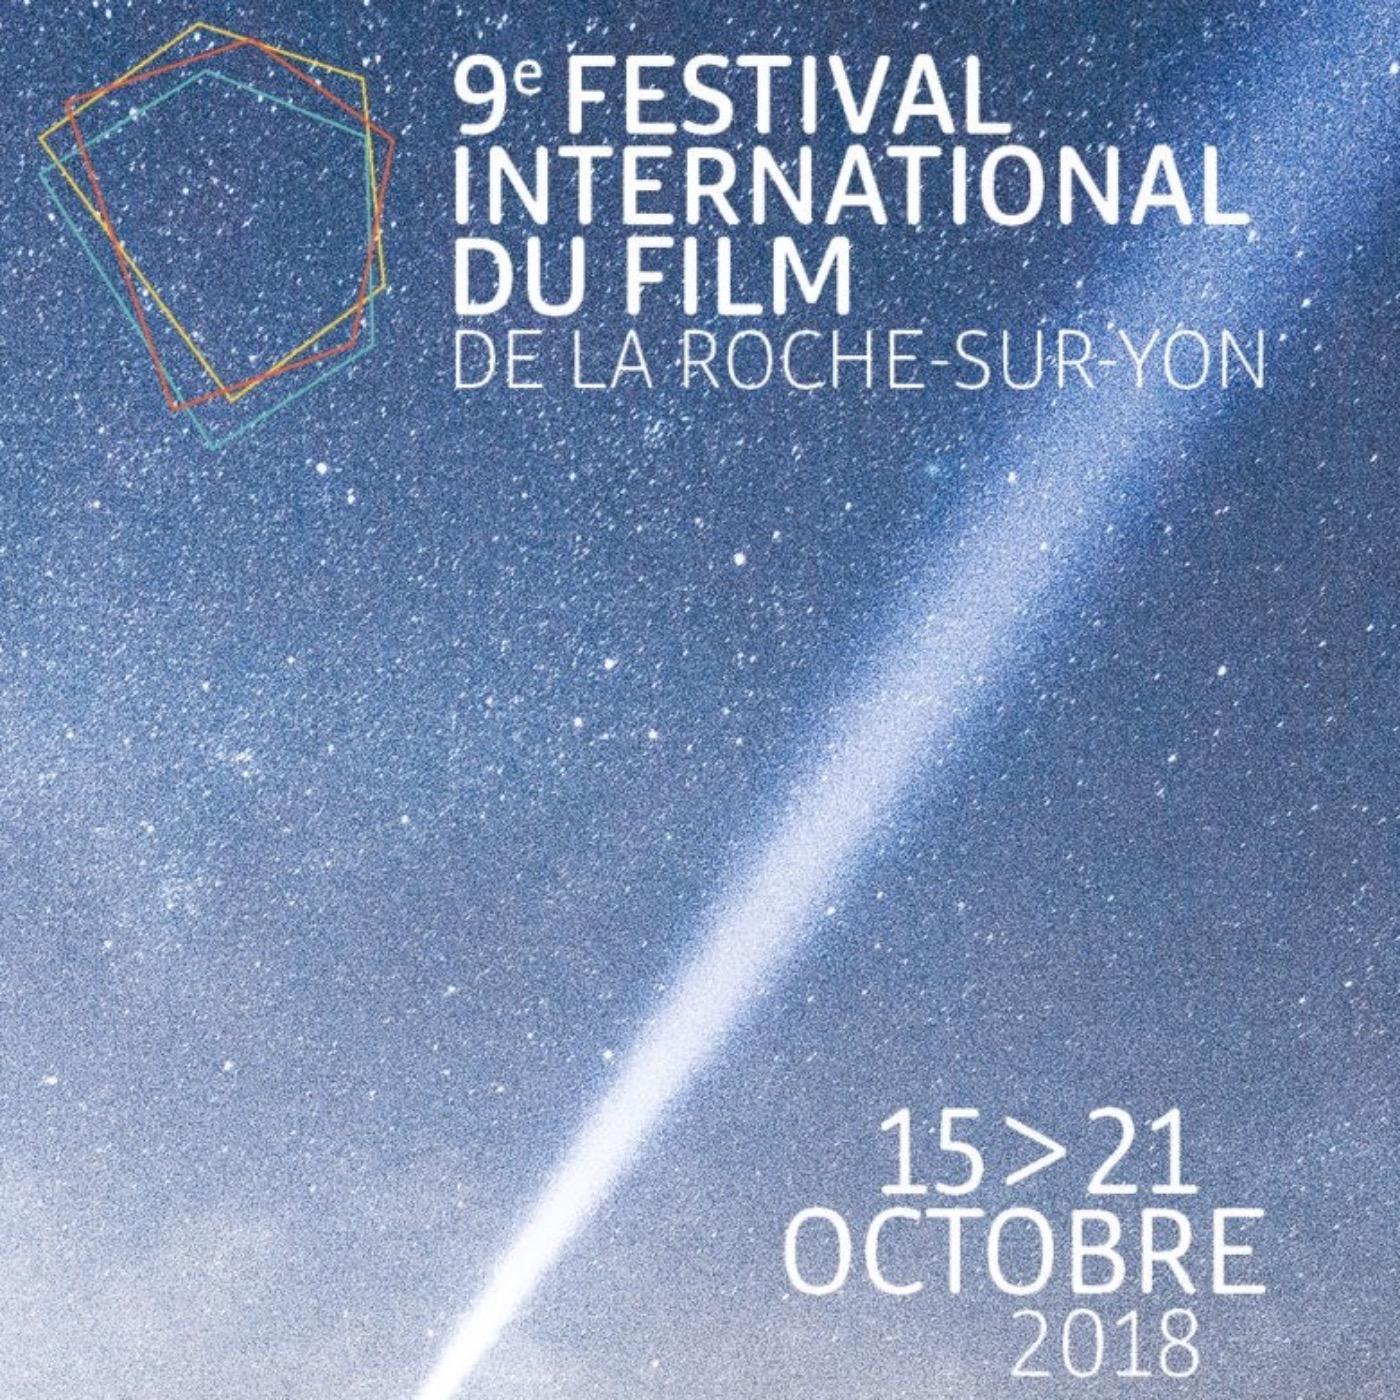 Marie-Ange Luciani : Spécial Festival International du film de la Roche-sur-Yon